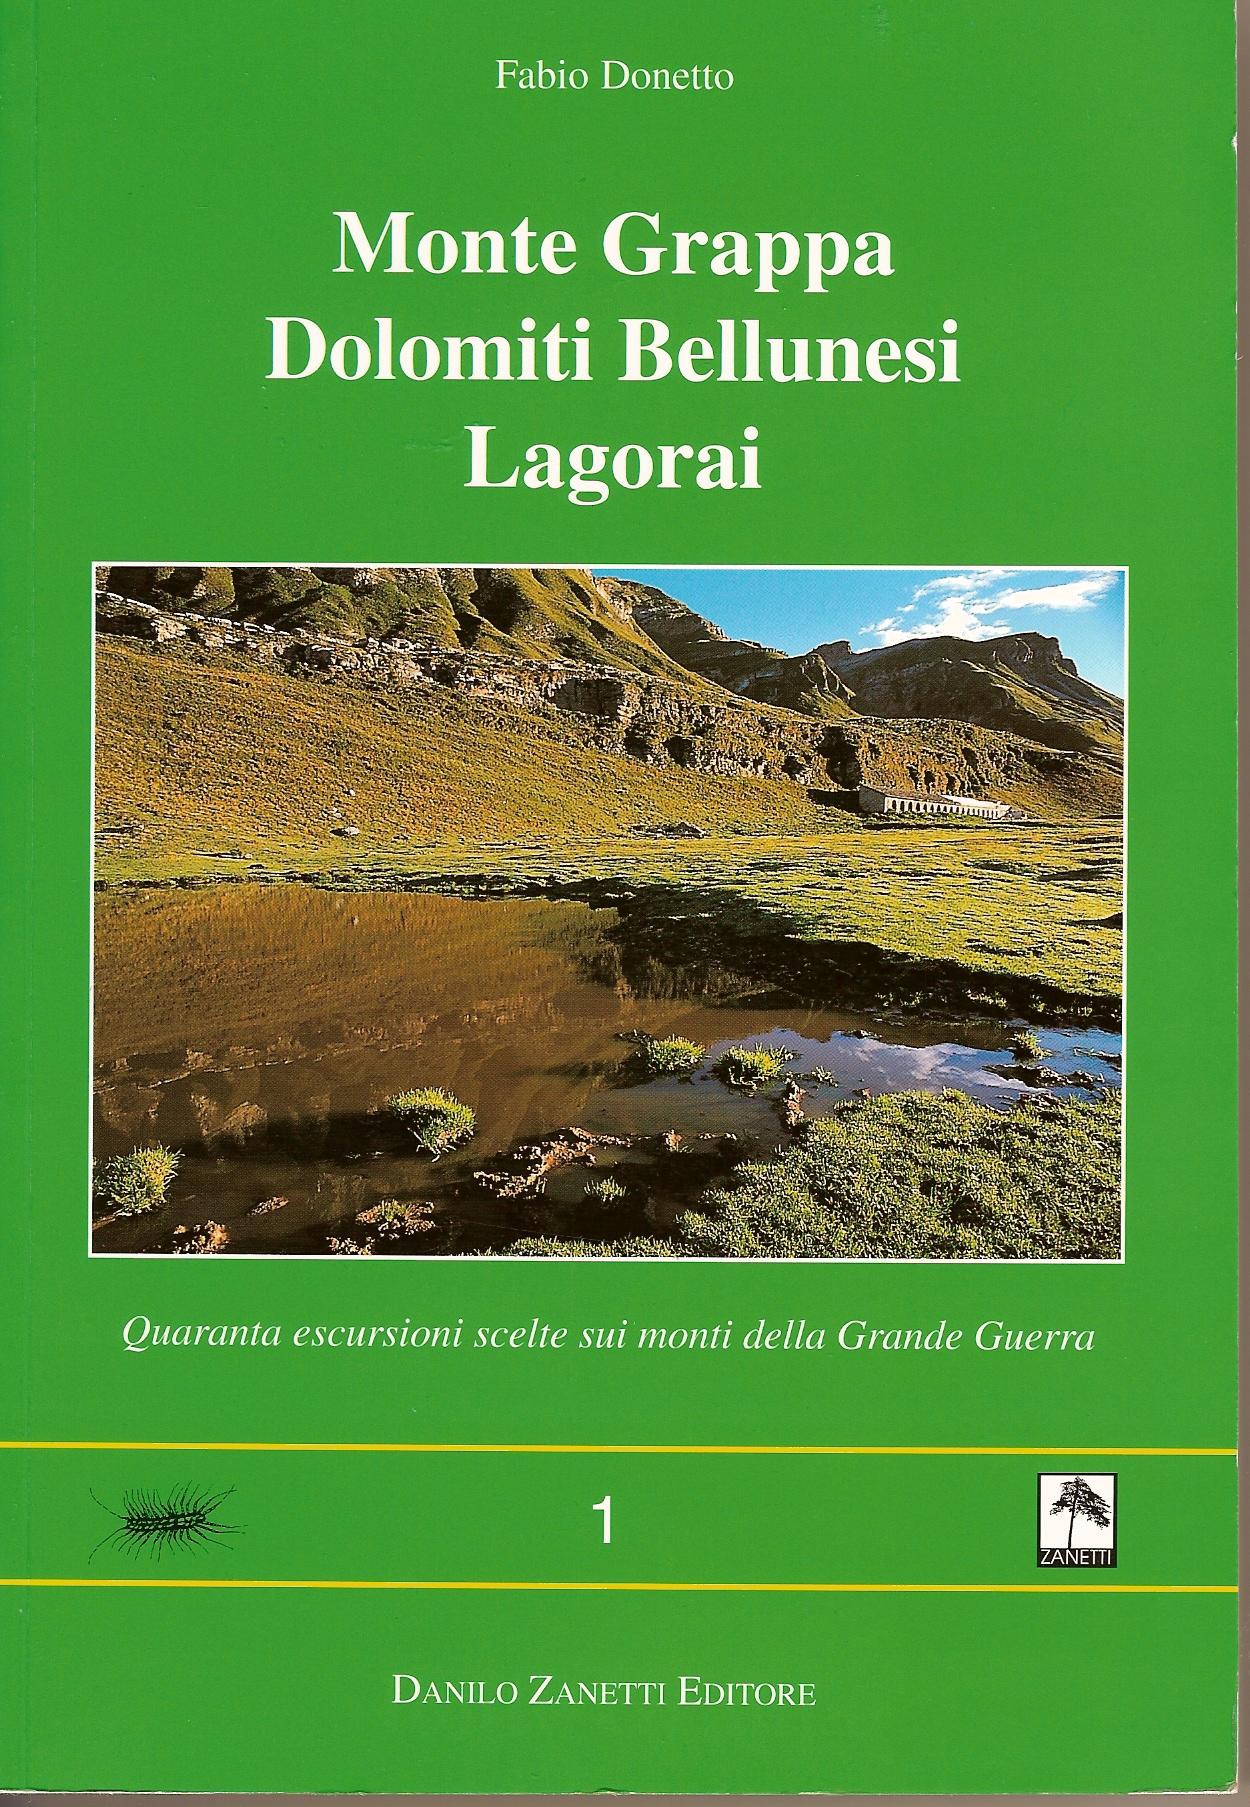 Monte Grappa, Dolomiti bellunesi e Lagorai